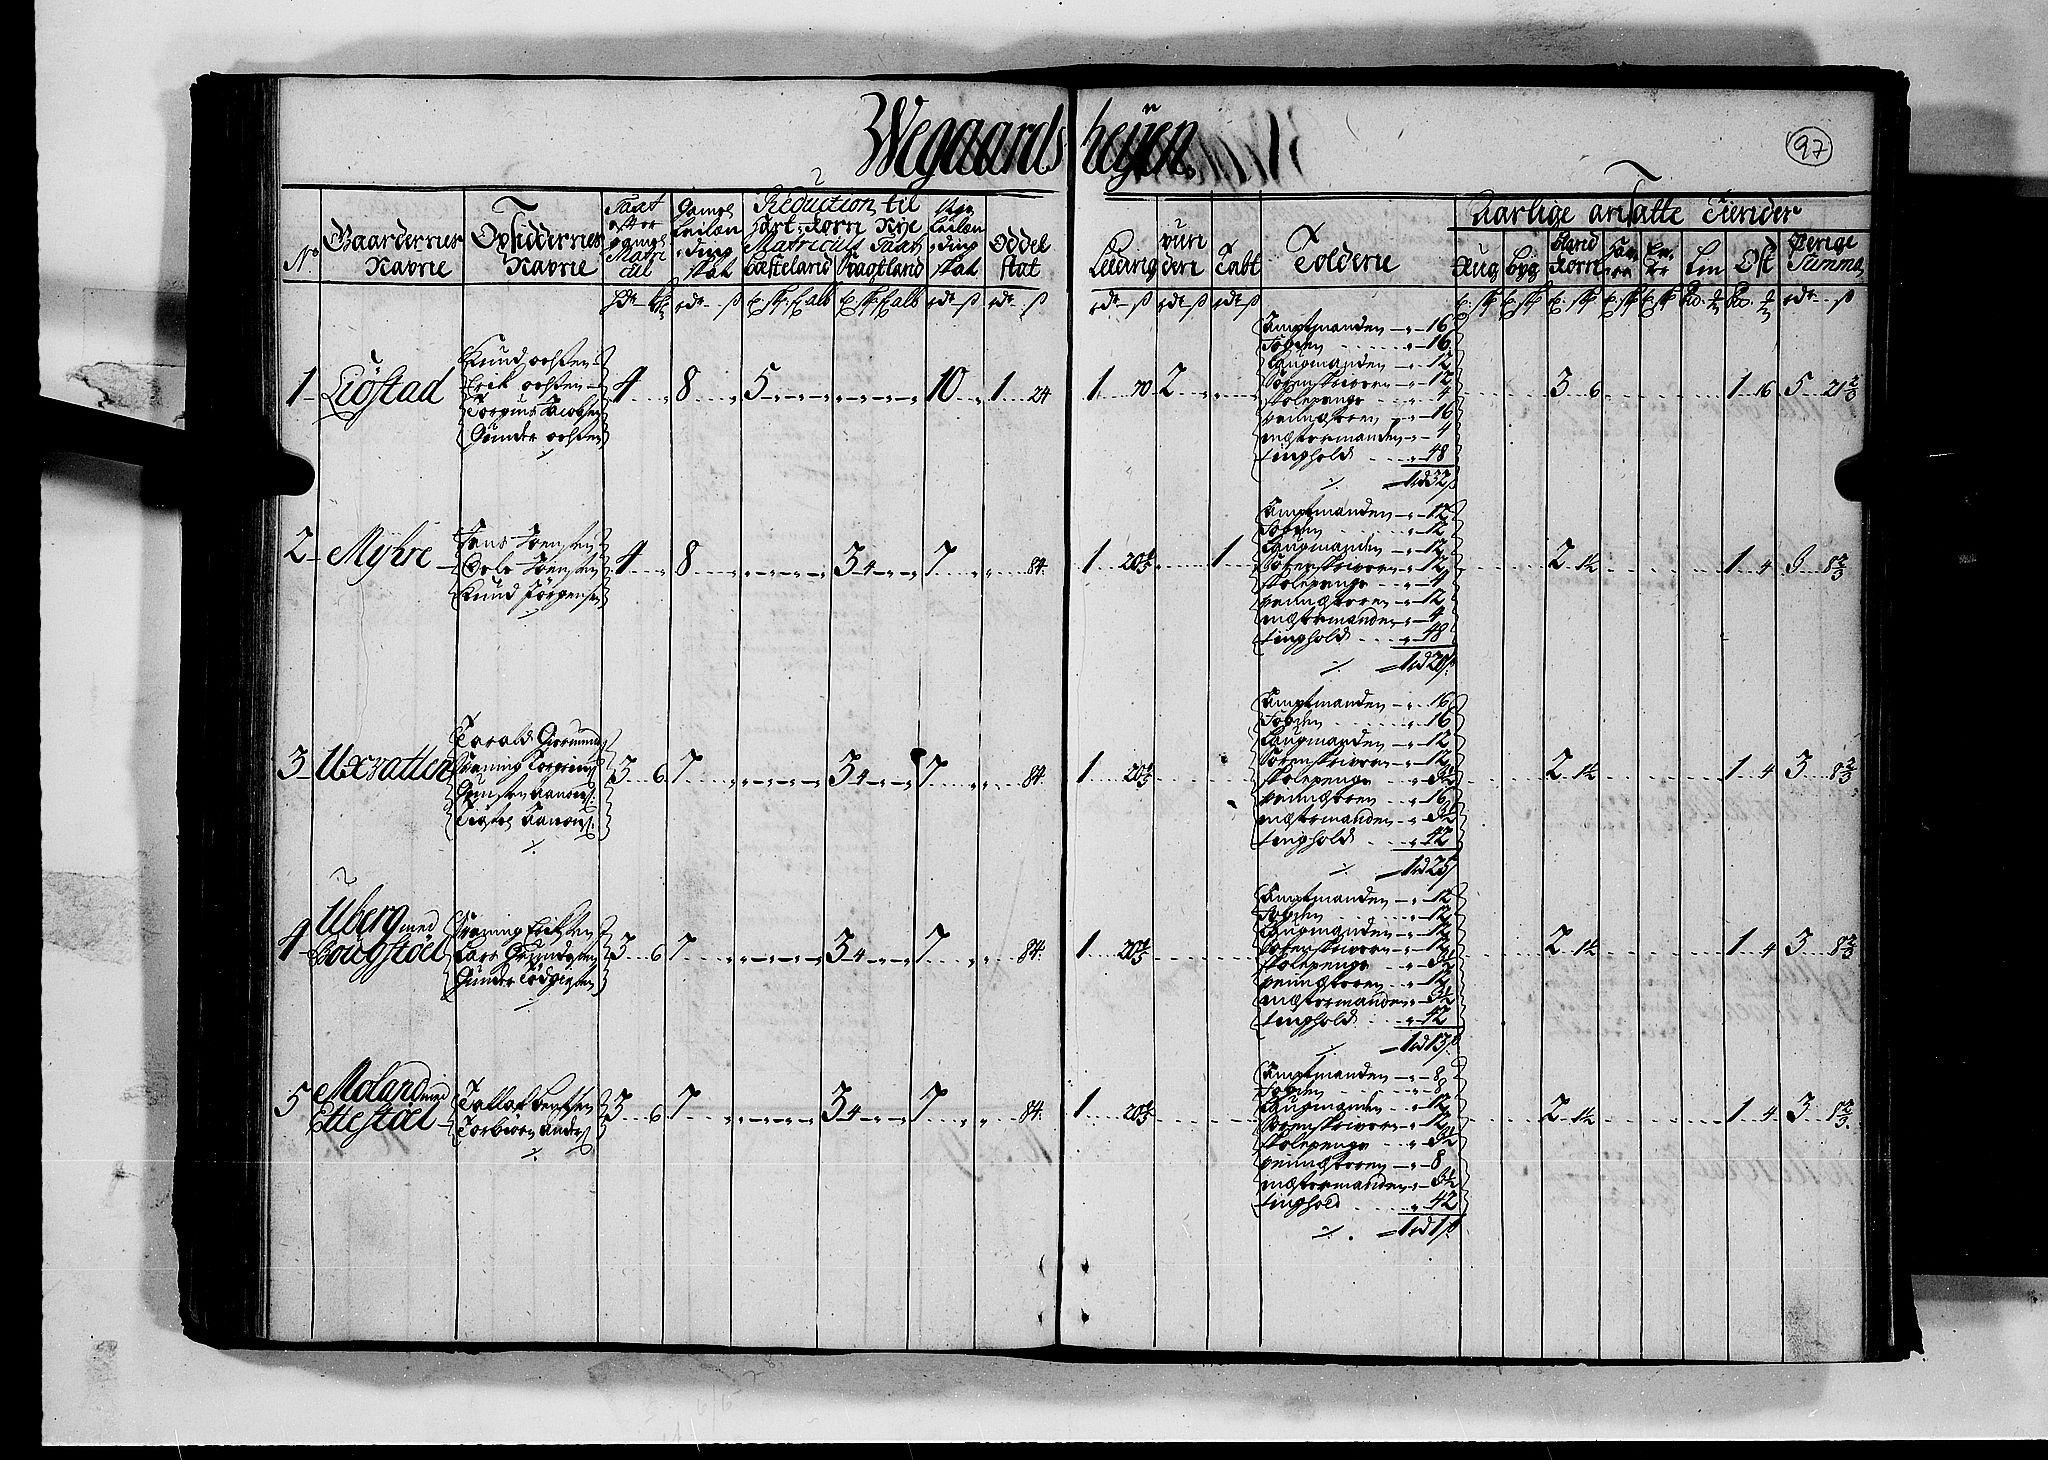 RA, Rentekammeret inntil 1814, Realistisk ordnet avdeling, N/Nb/Nbf/L0126: Råbyggelag matrikkelprotokoll, 1723, s. 96b-97a